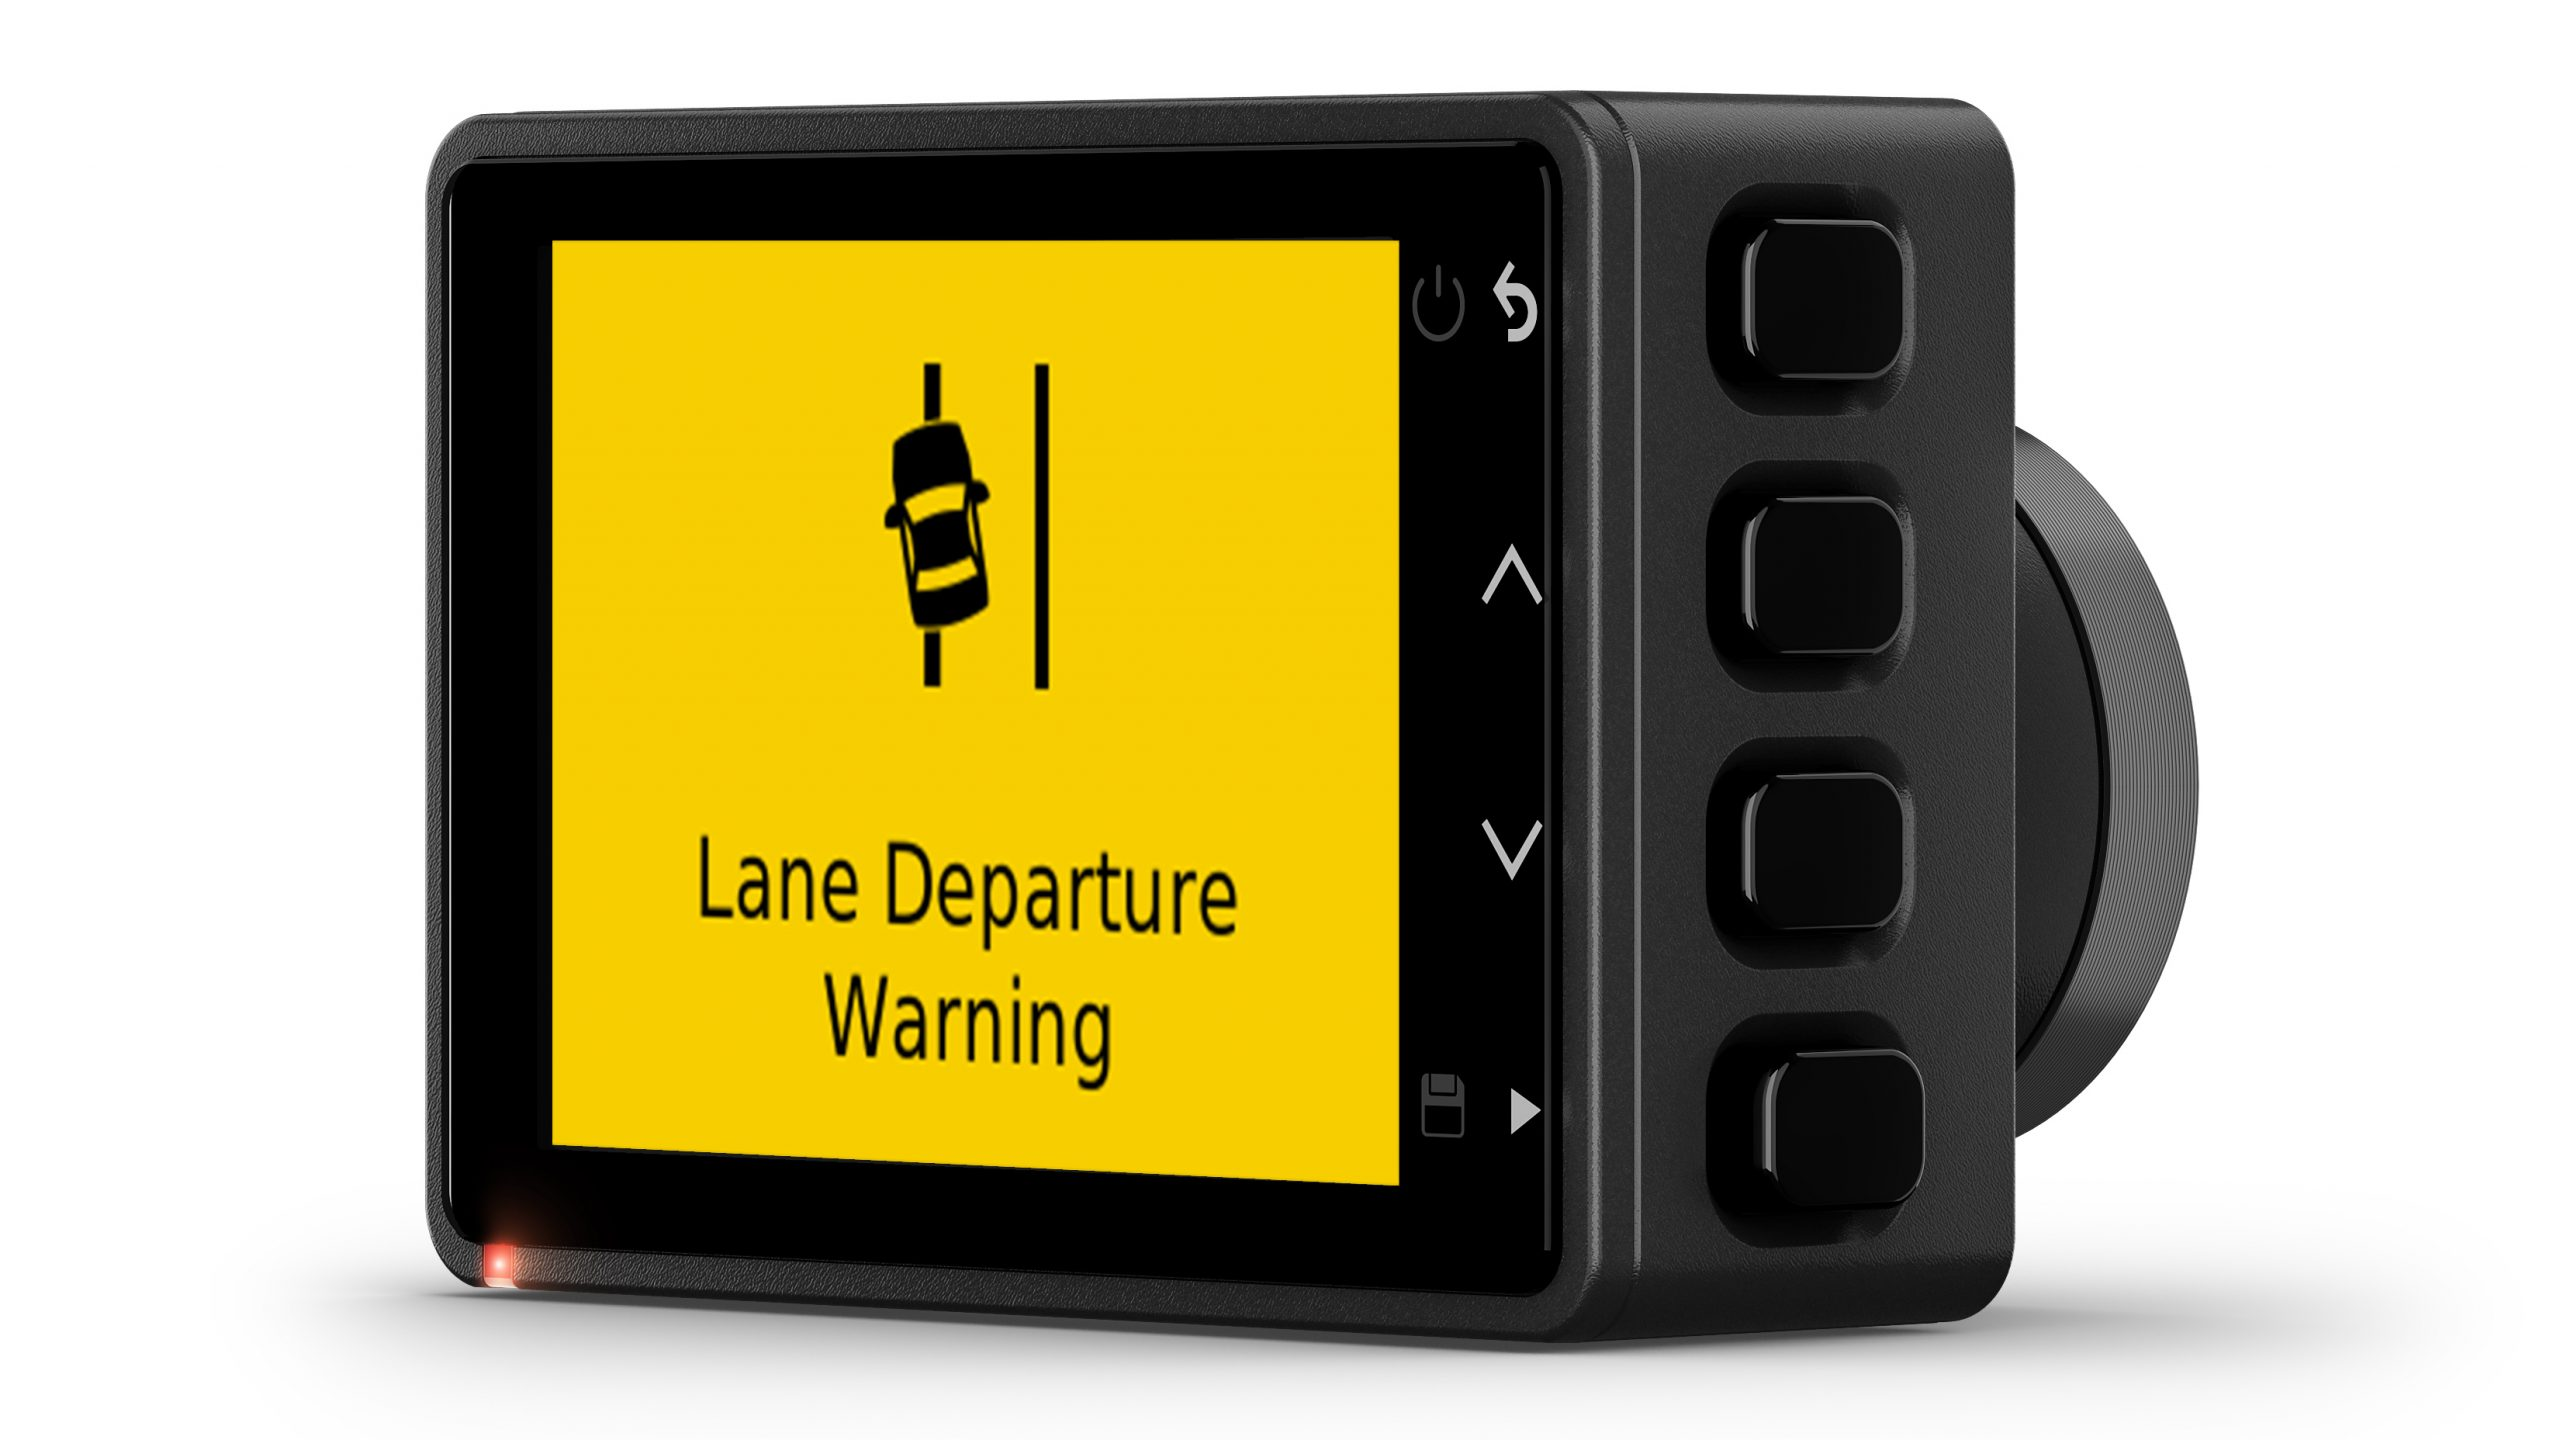 Garmin Dash Cam 47 warning